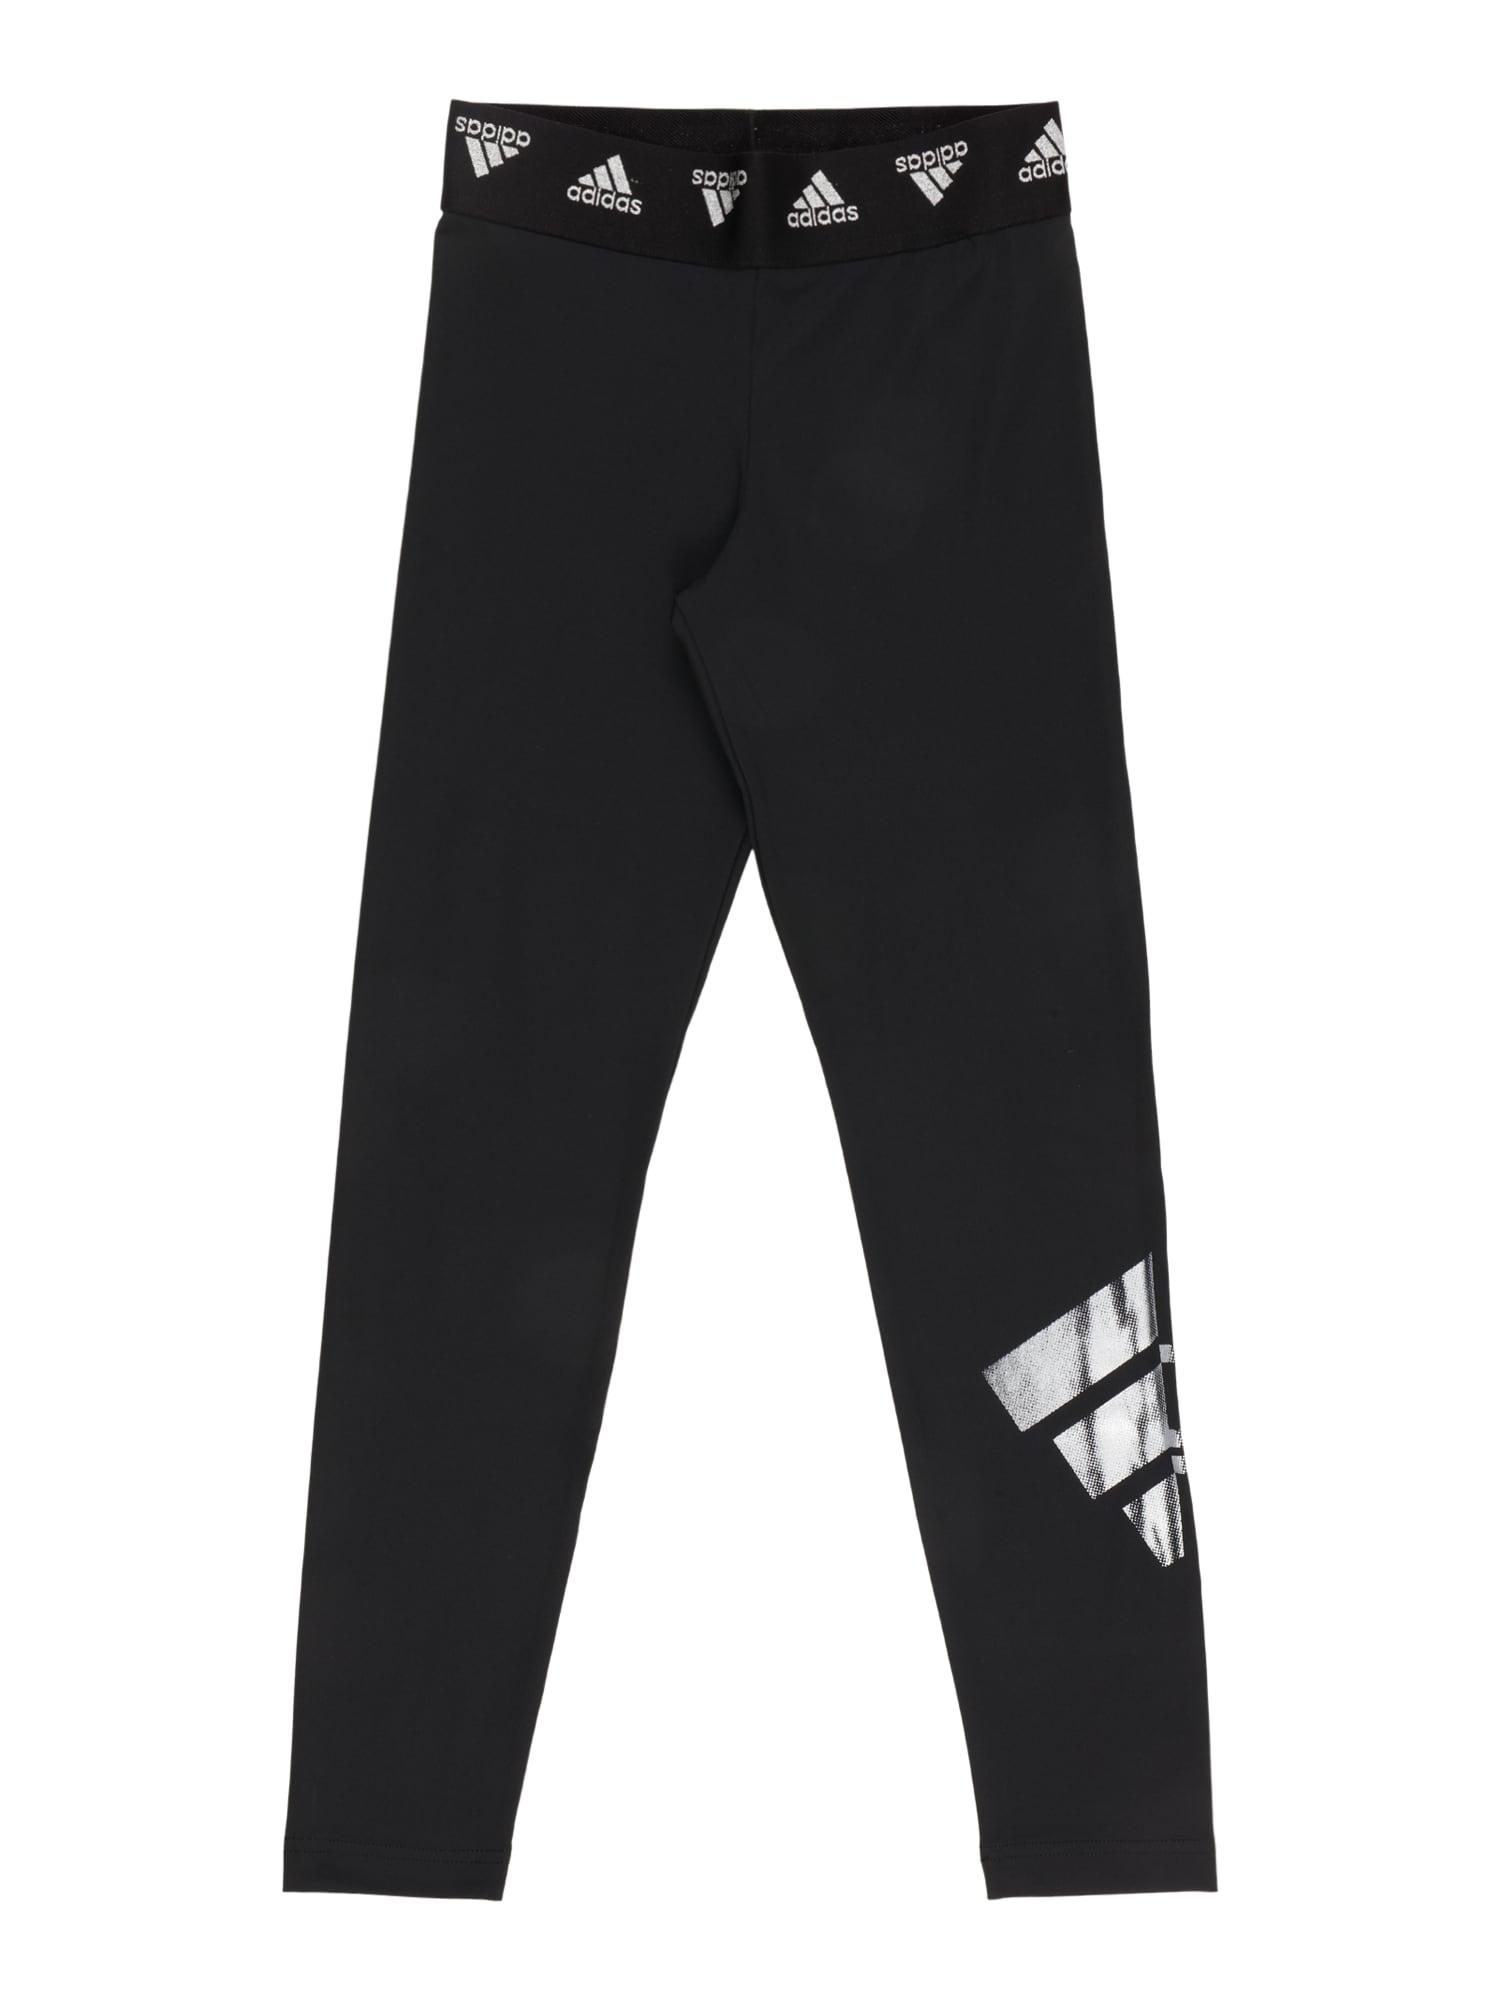 ADIDAS PERFORMANCE Sportovní kalhoty  černá / bílá / světle šedá